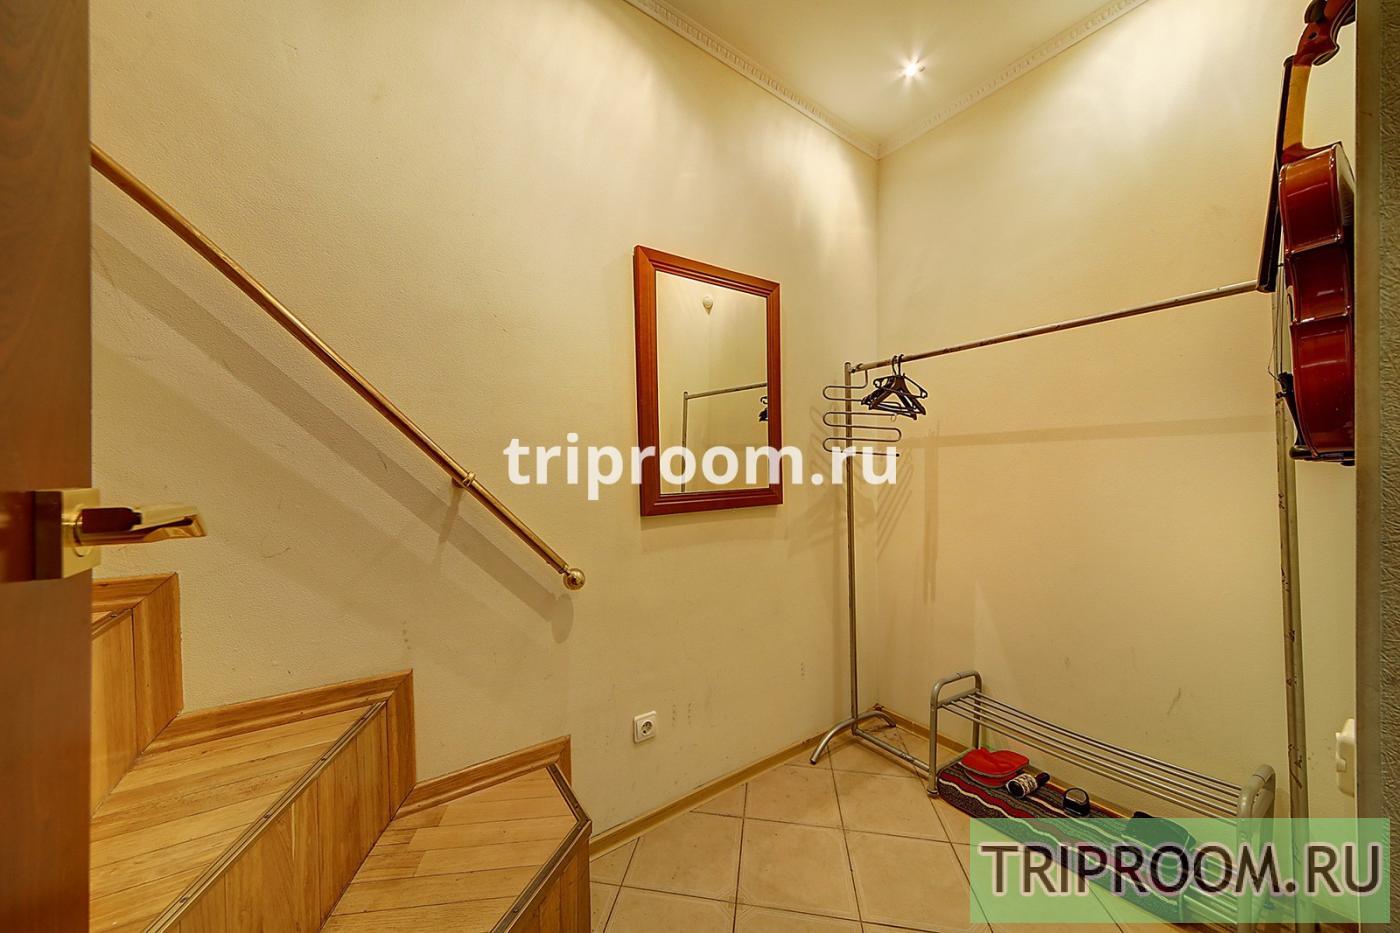 2-комнатная квартира посуточно (вариант № 15116), ул. Большая Конюшенная улица, фото № 19